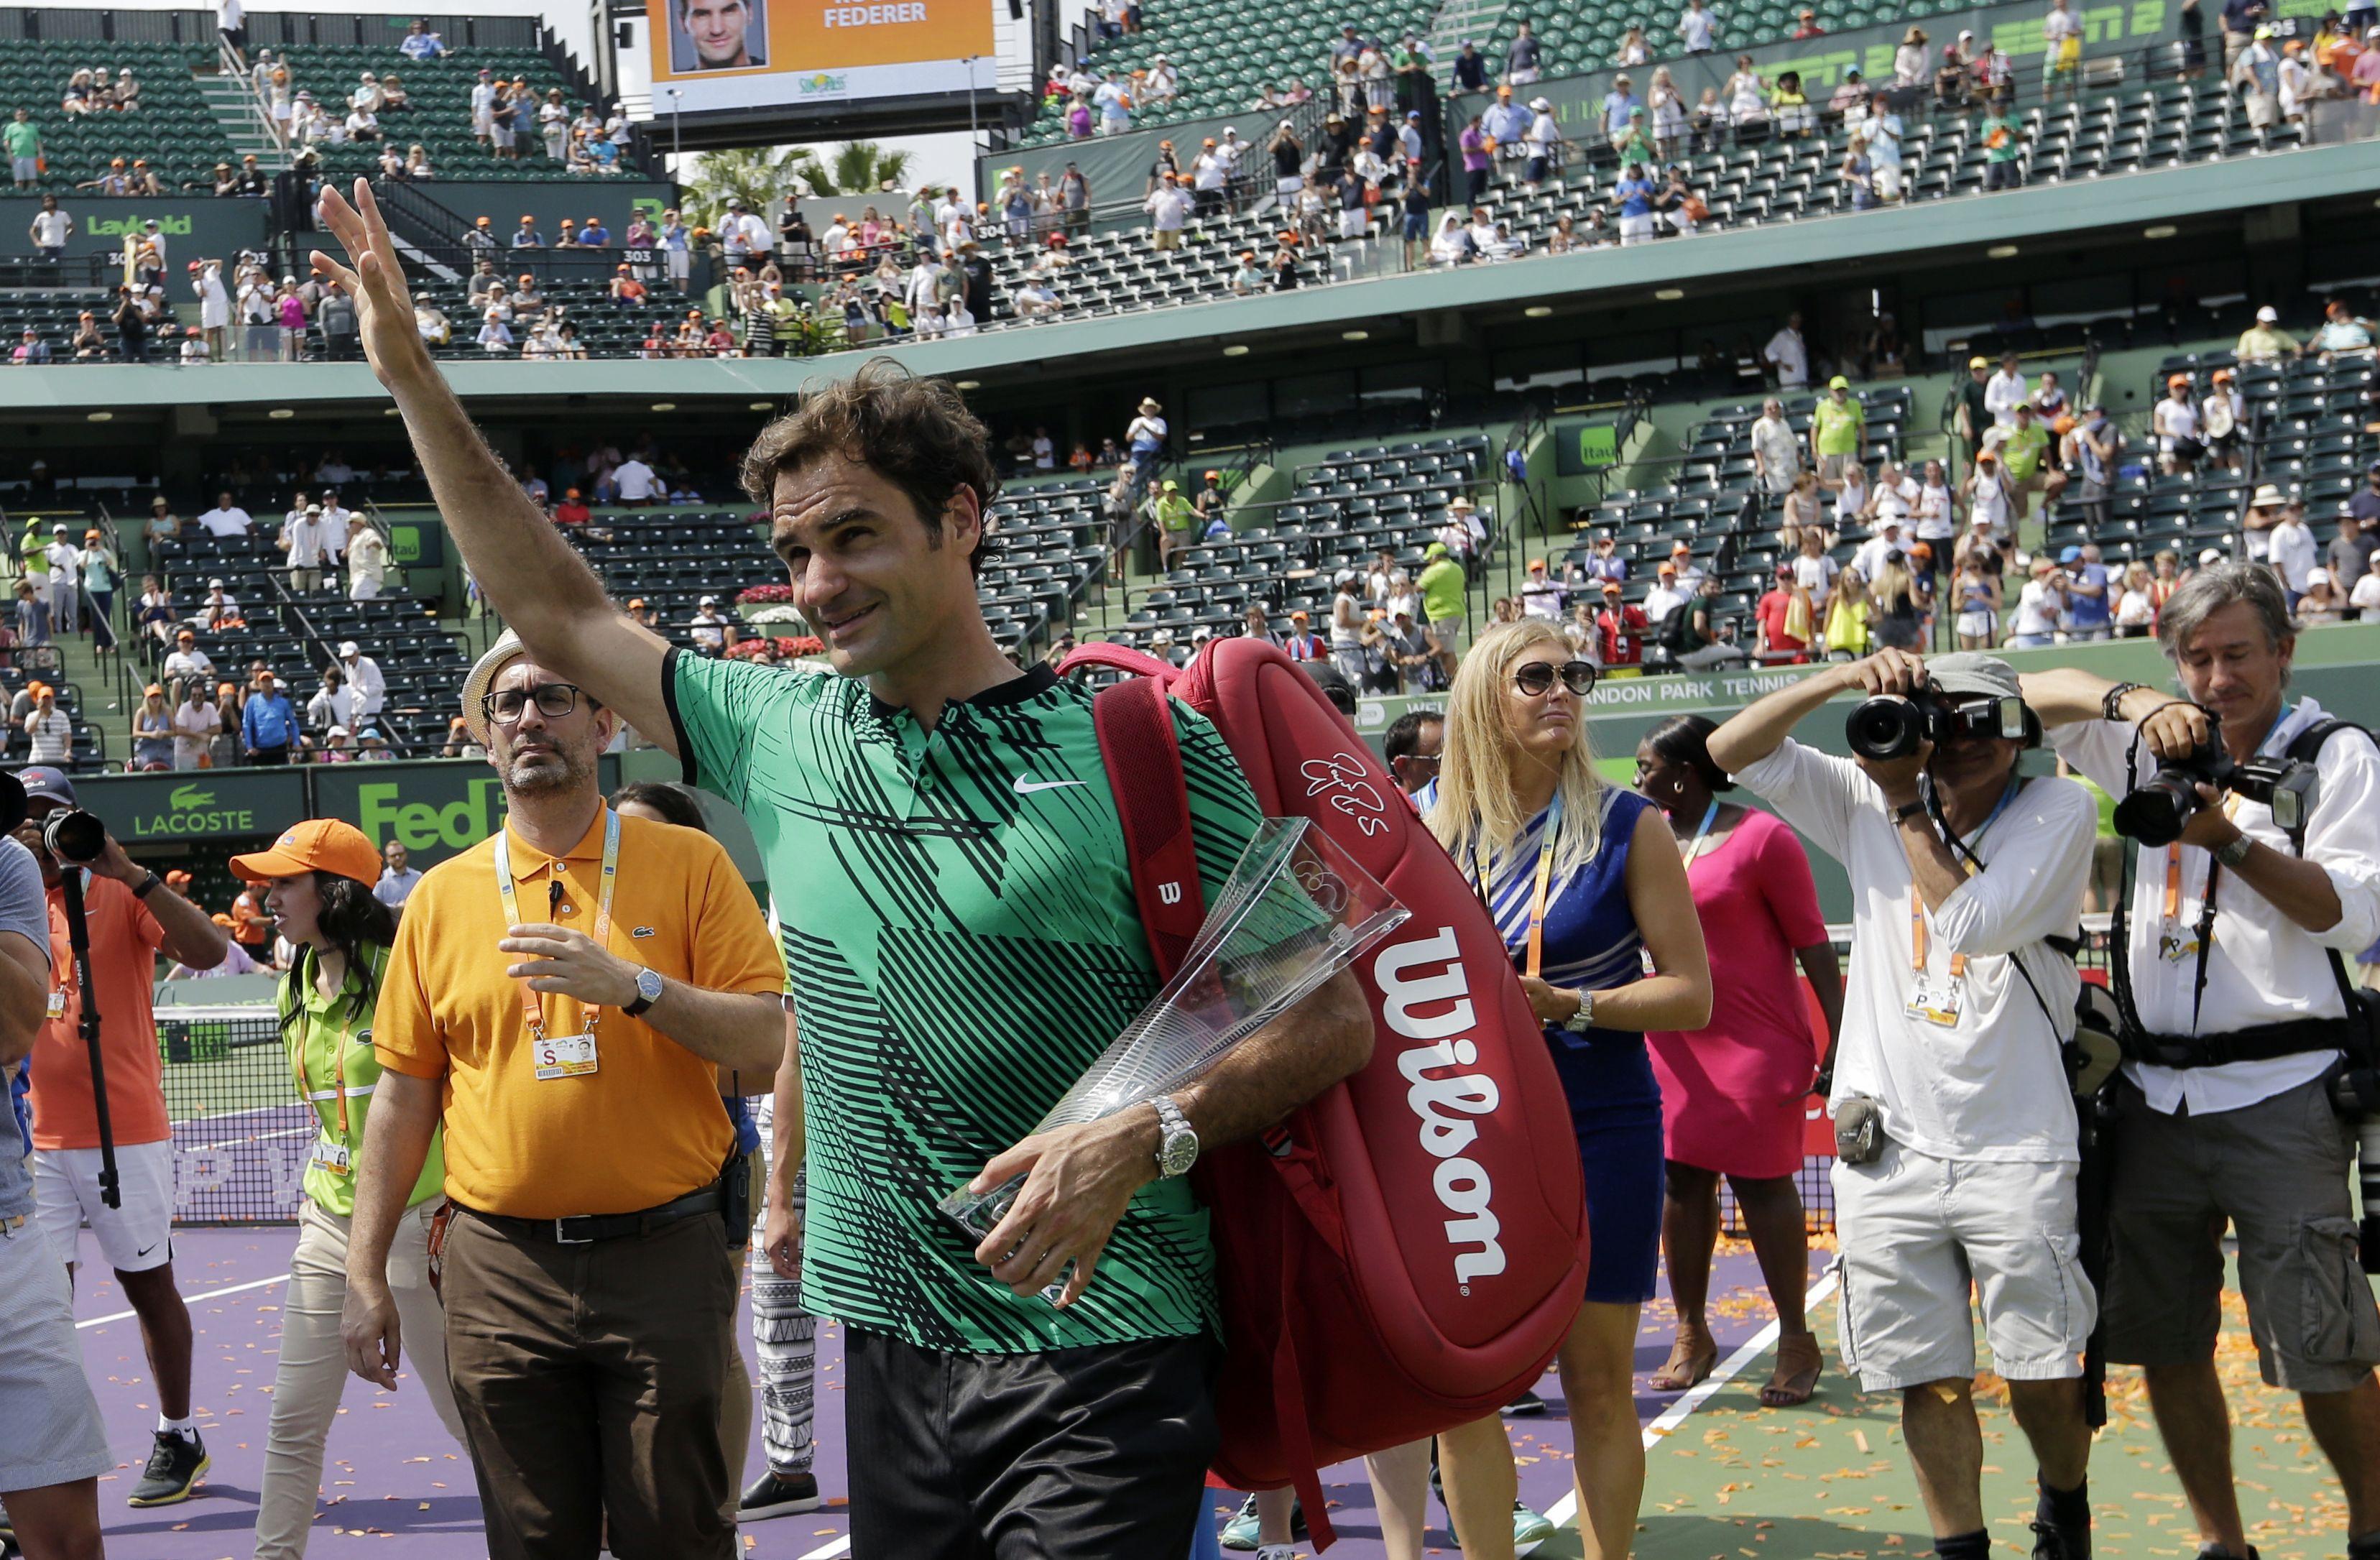 Tennis : ATP - Federer n'a «plus 24 ans» et ne jouera pas d?ici Roland Garros